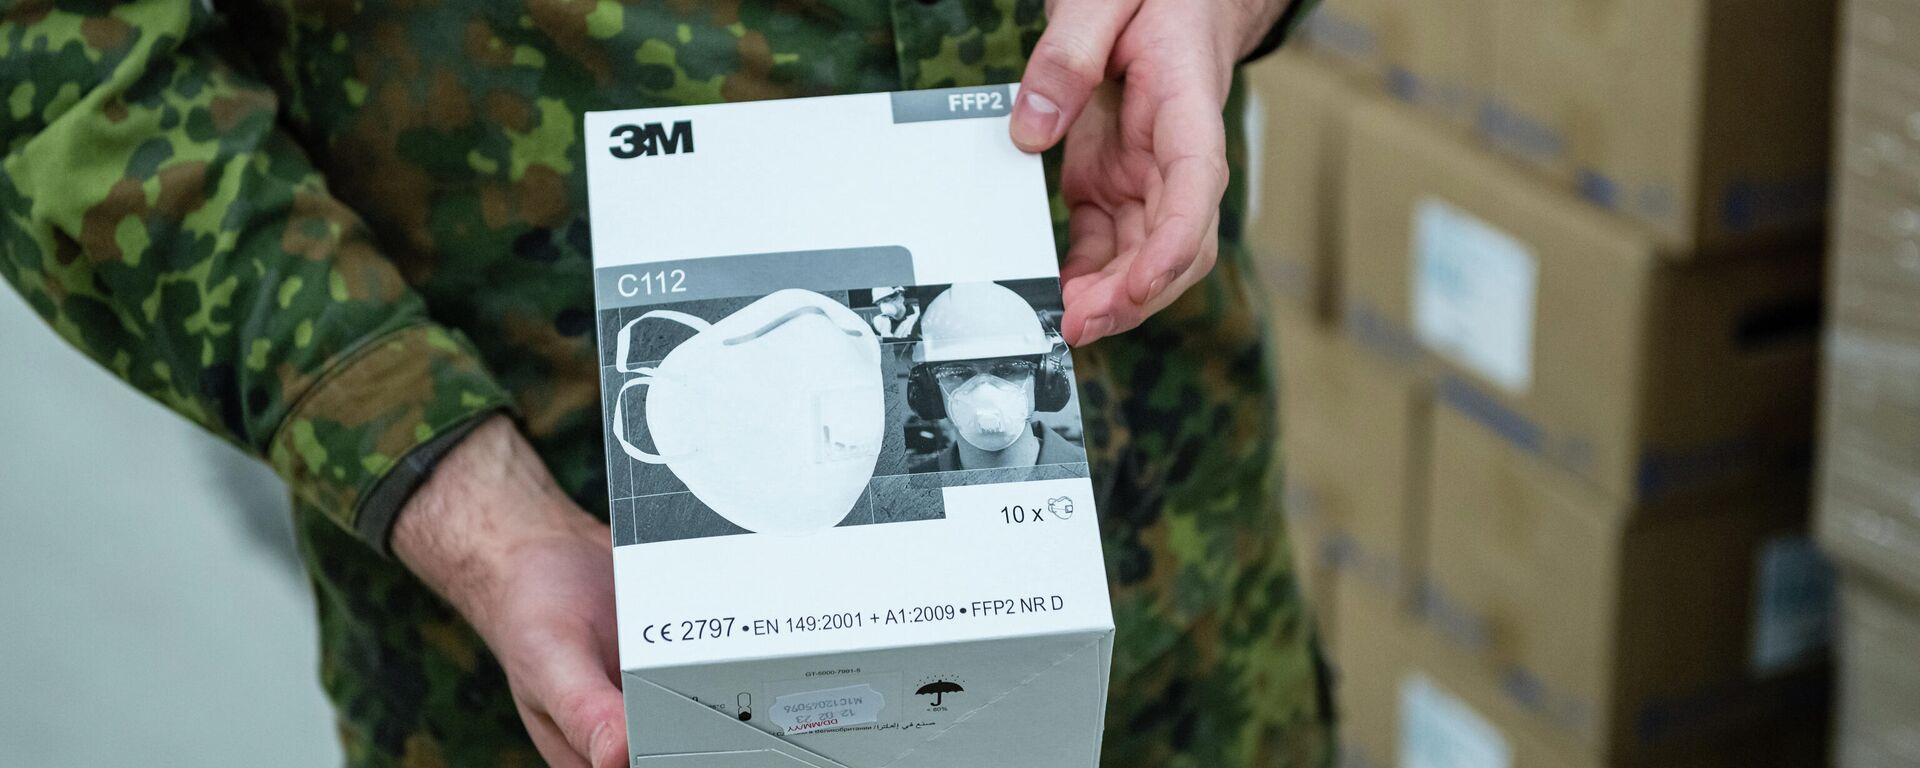 Bundeswehr-Angehöriger zeigt ein FFP2-Maske-Kit - SNA, 1920, 18.12.2020